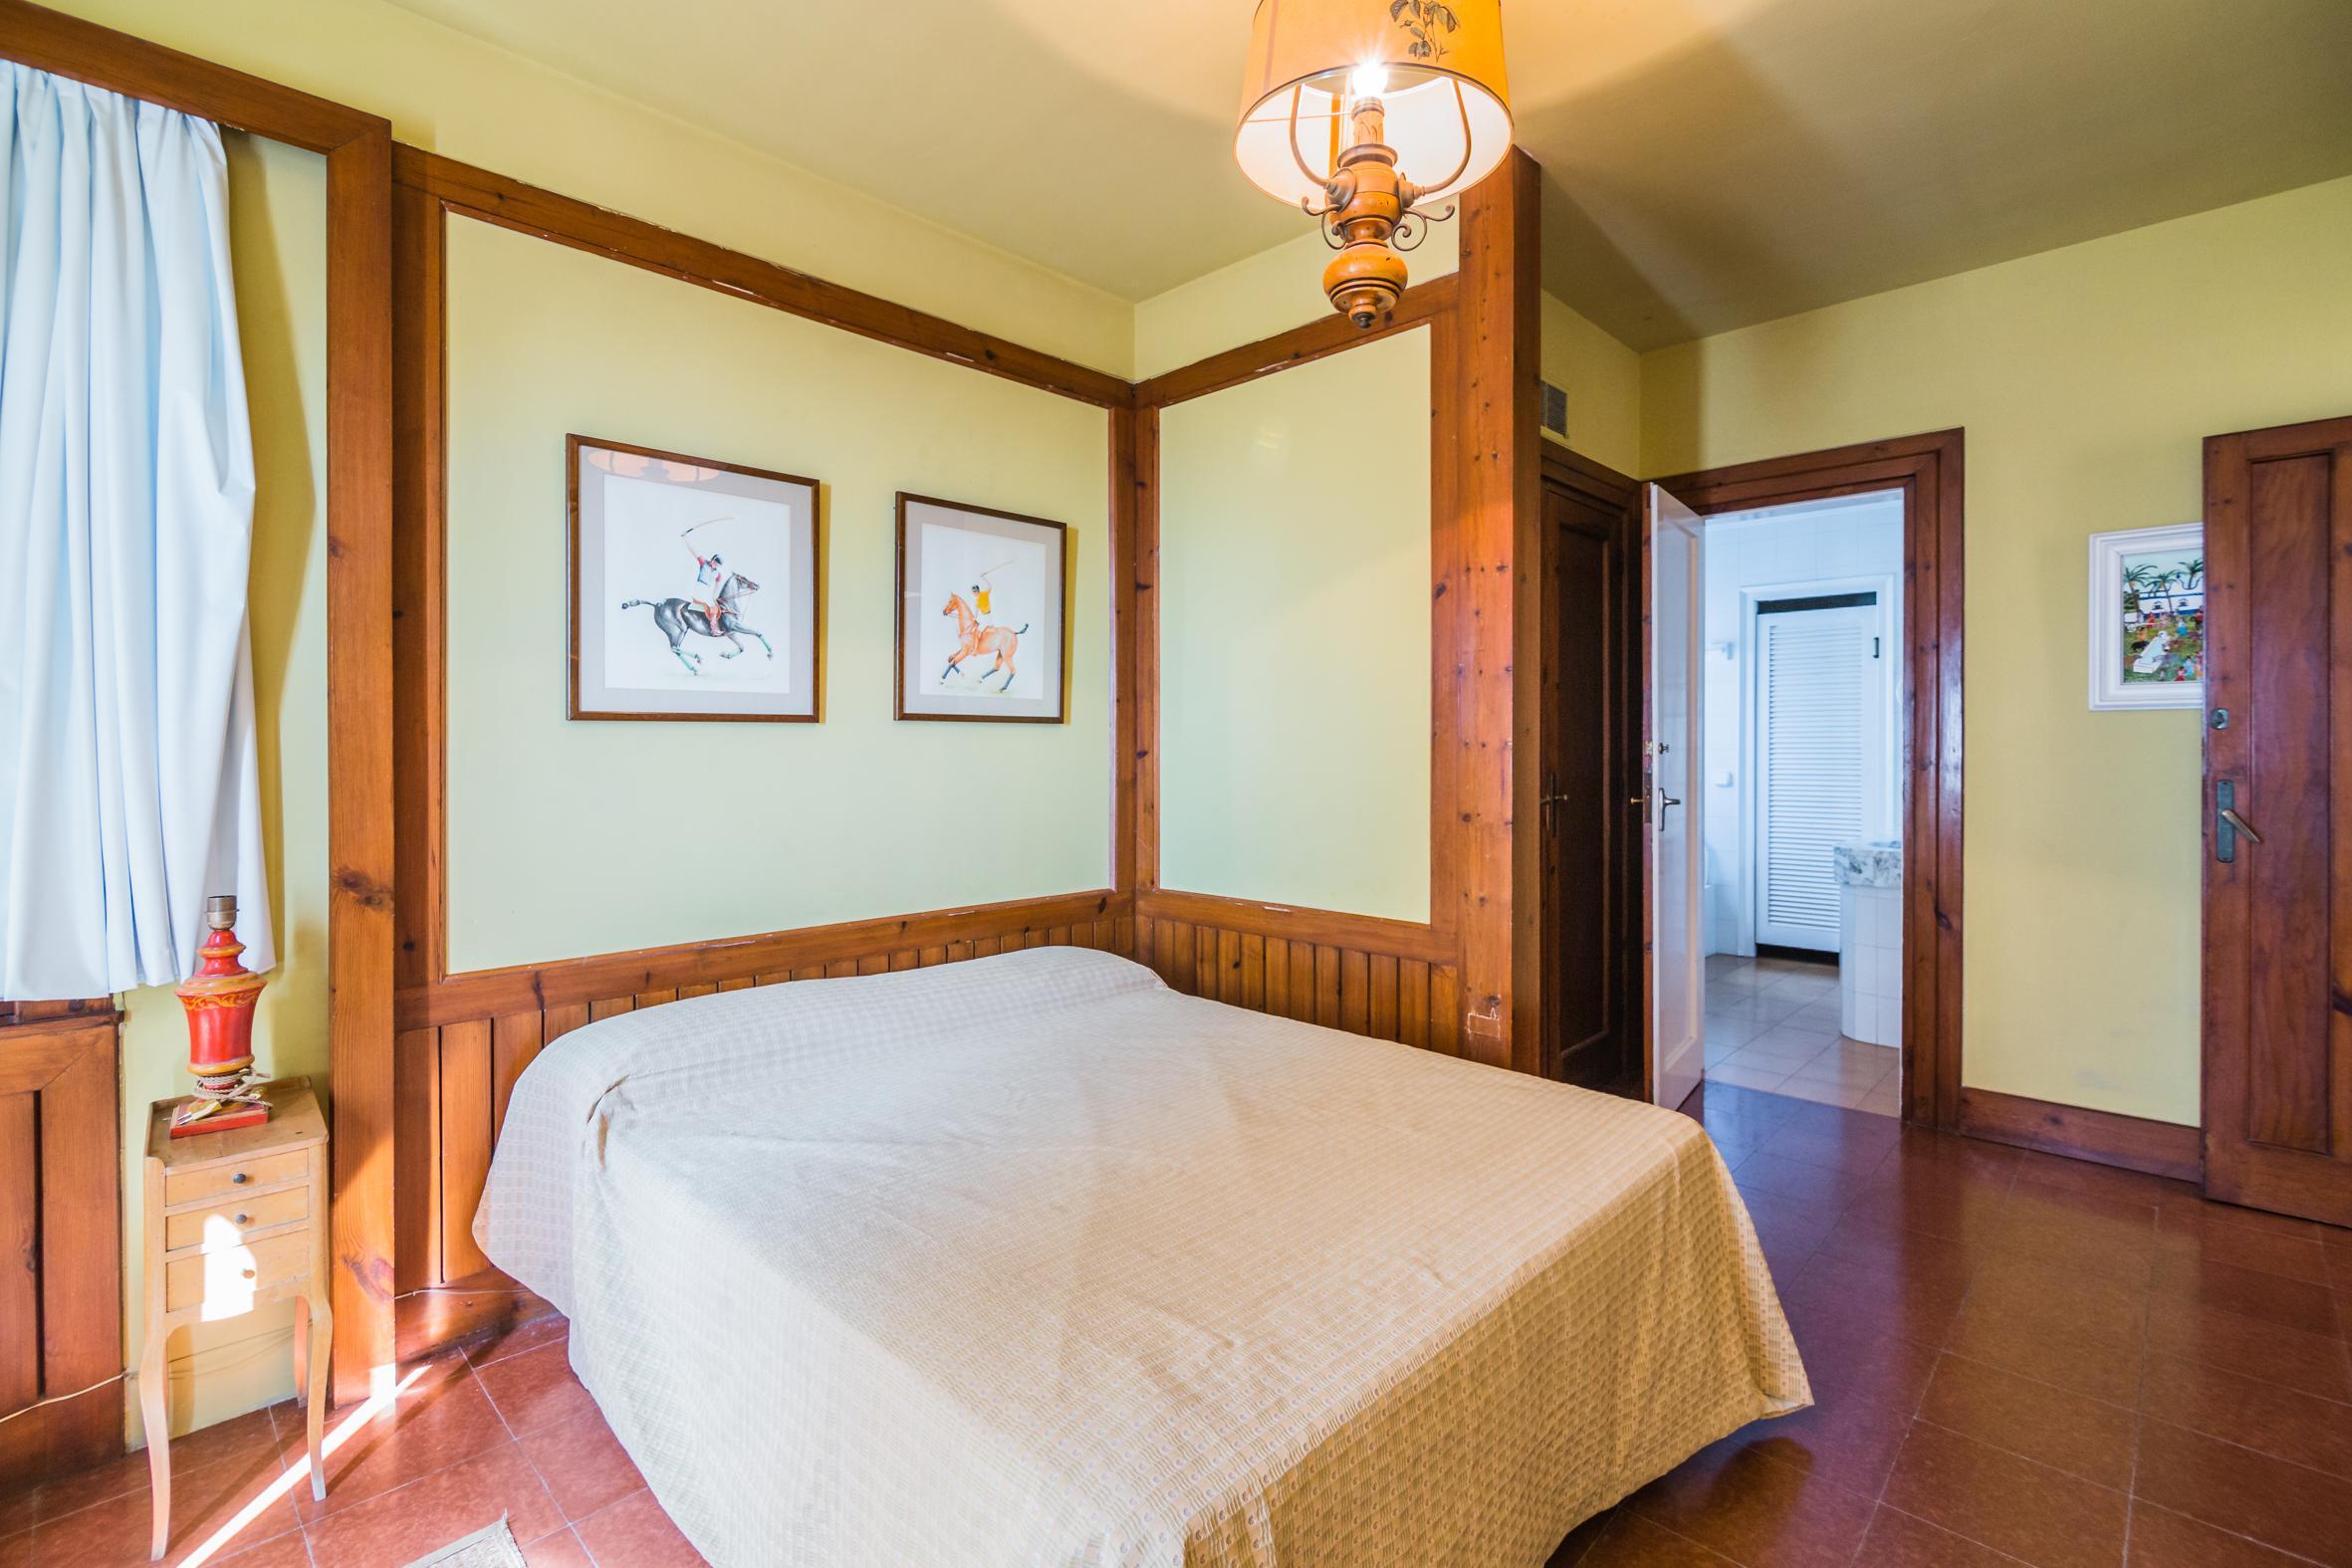 213533 Casa en venta en Sant Andreu de Llavaneres 14